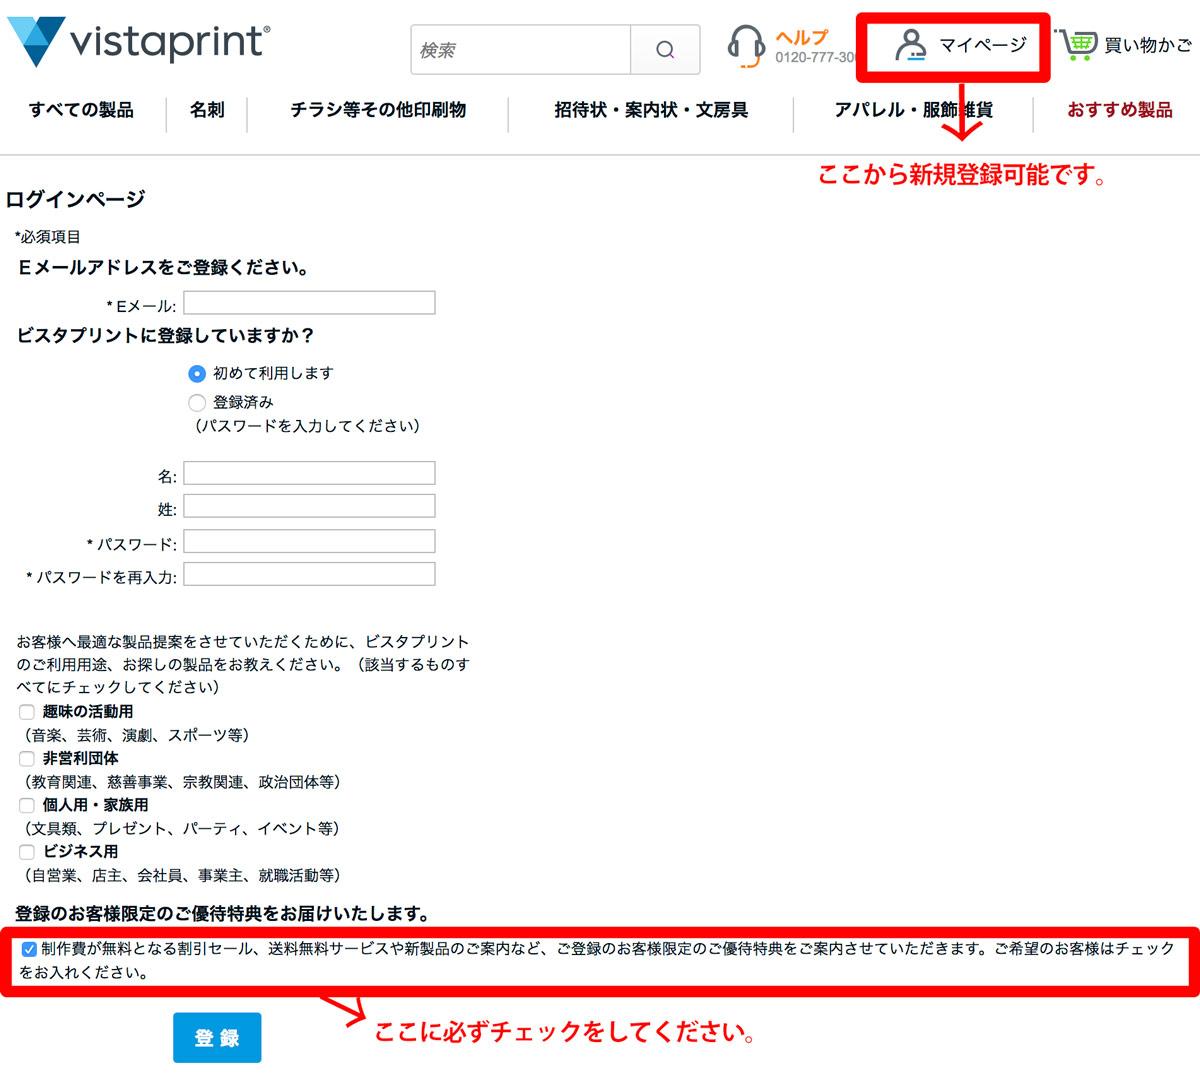 ビスタプリントの新規登録・メルマガ受信方法